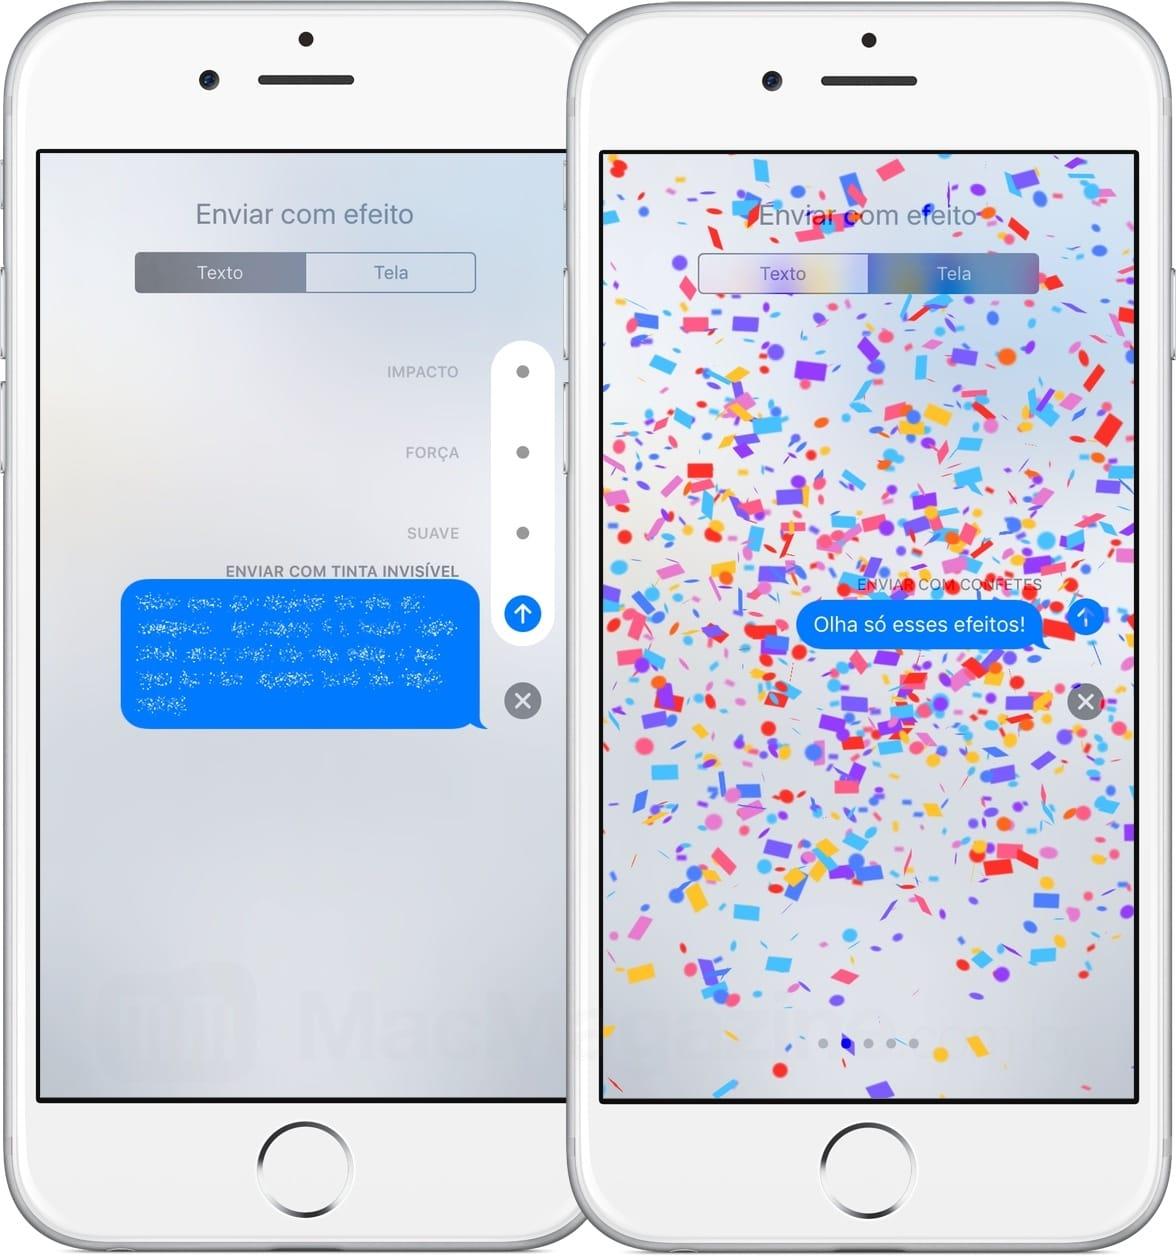 Efeitos no iMessage do iOS 10